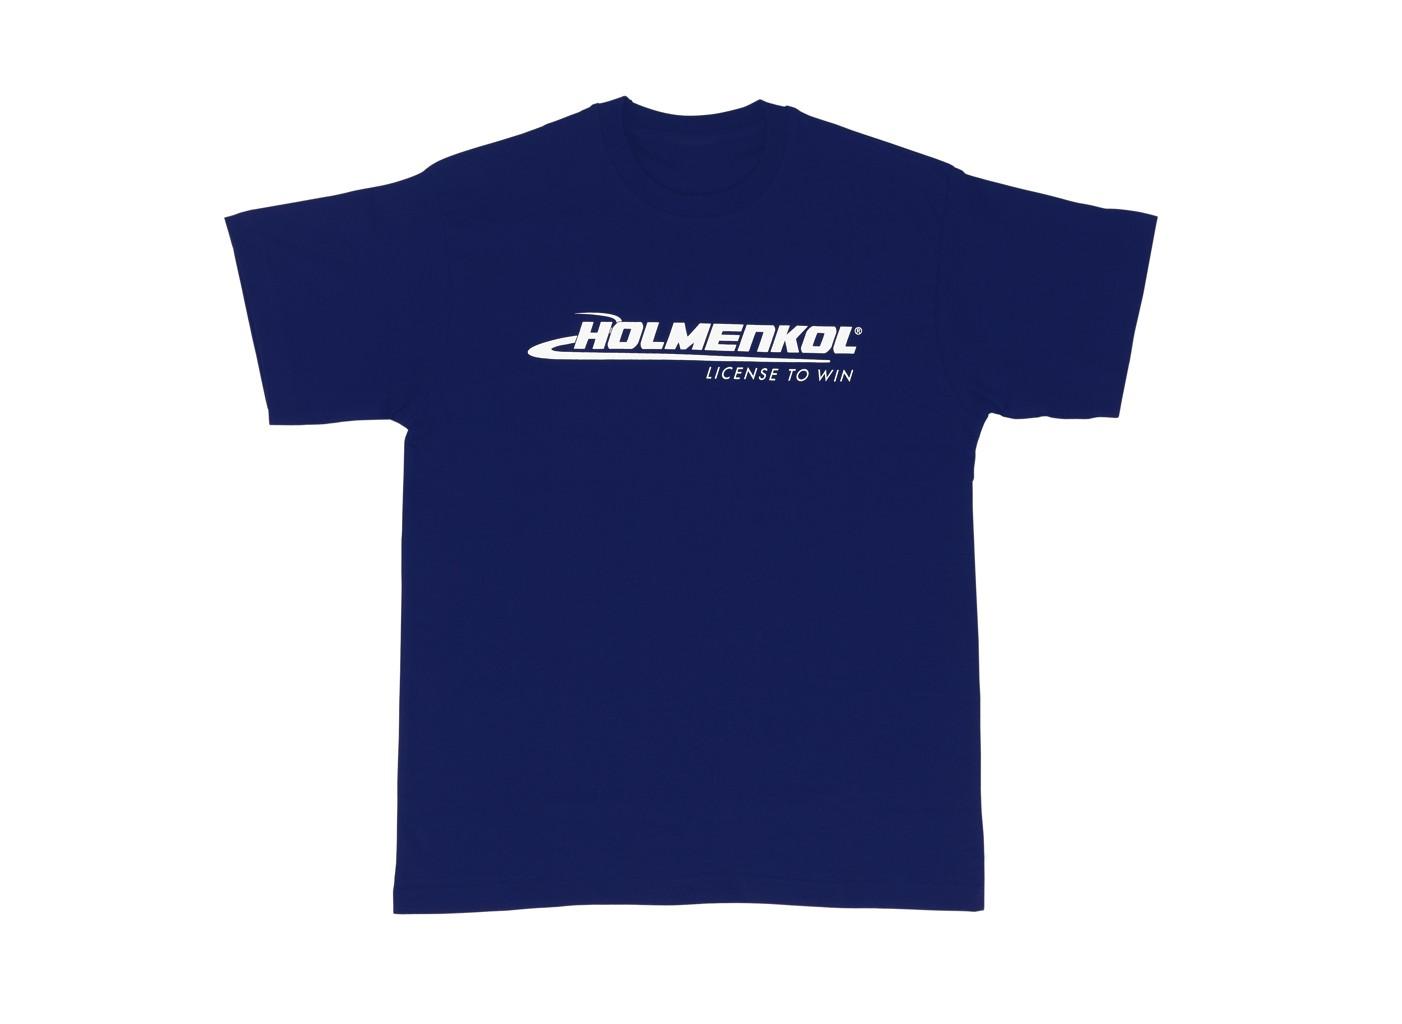 Holmenkol T-shirt